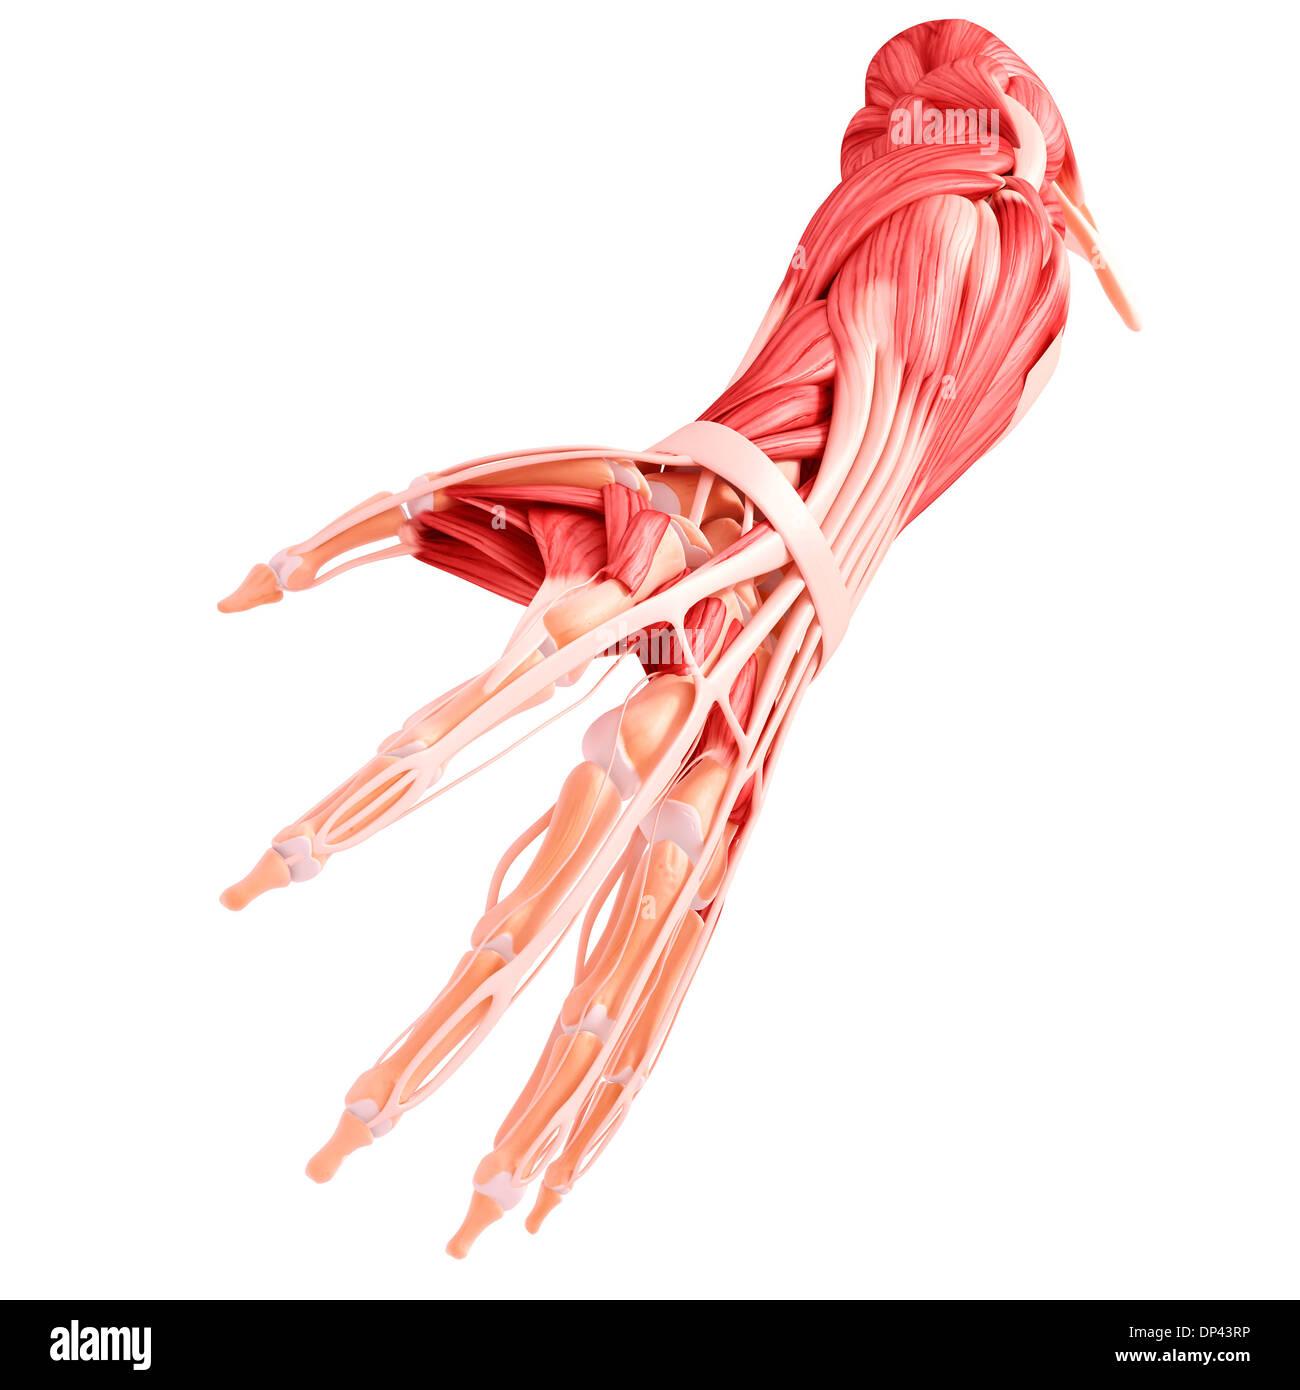 Menschlicher Arm Muskulatur, artwork Stockfoto, Bild: 65244362 - Alamy